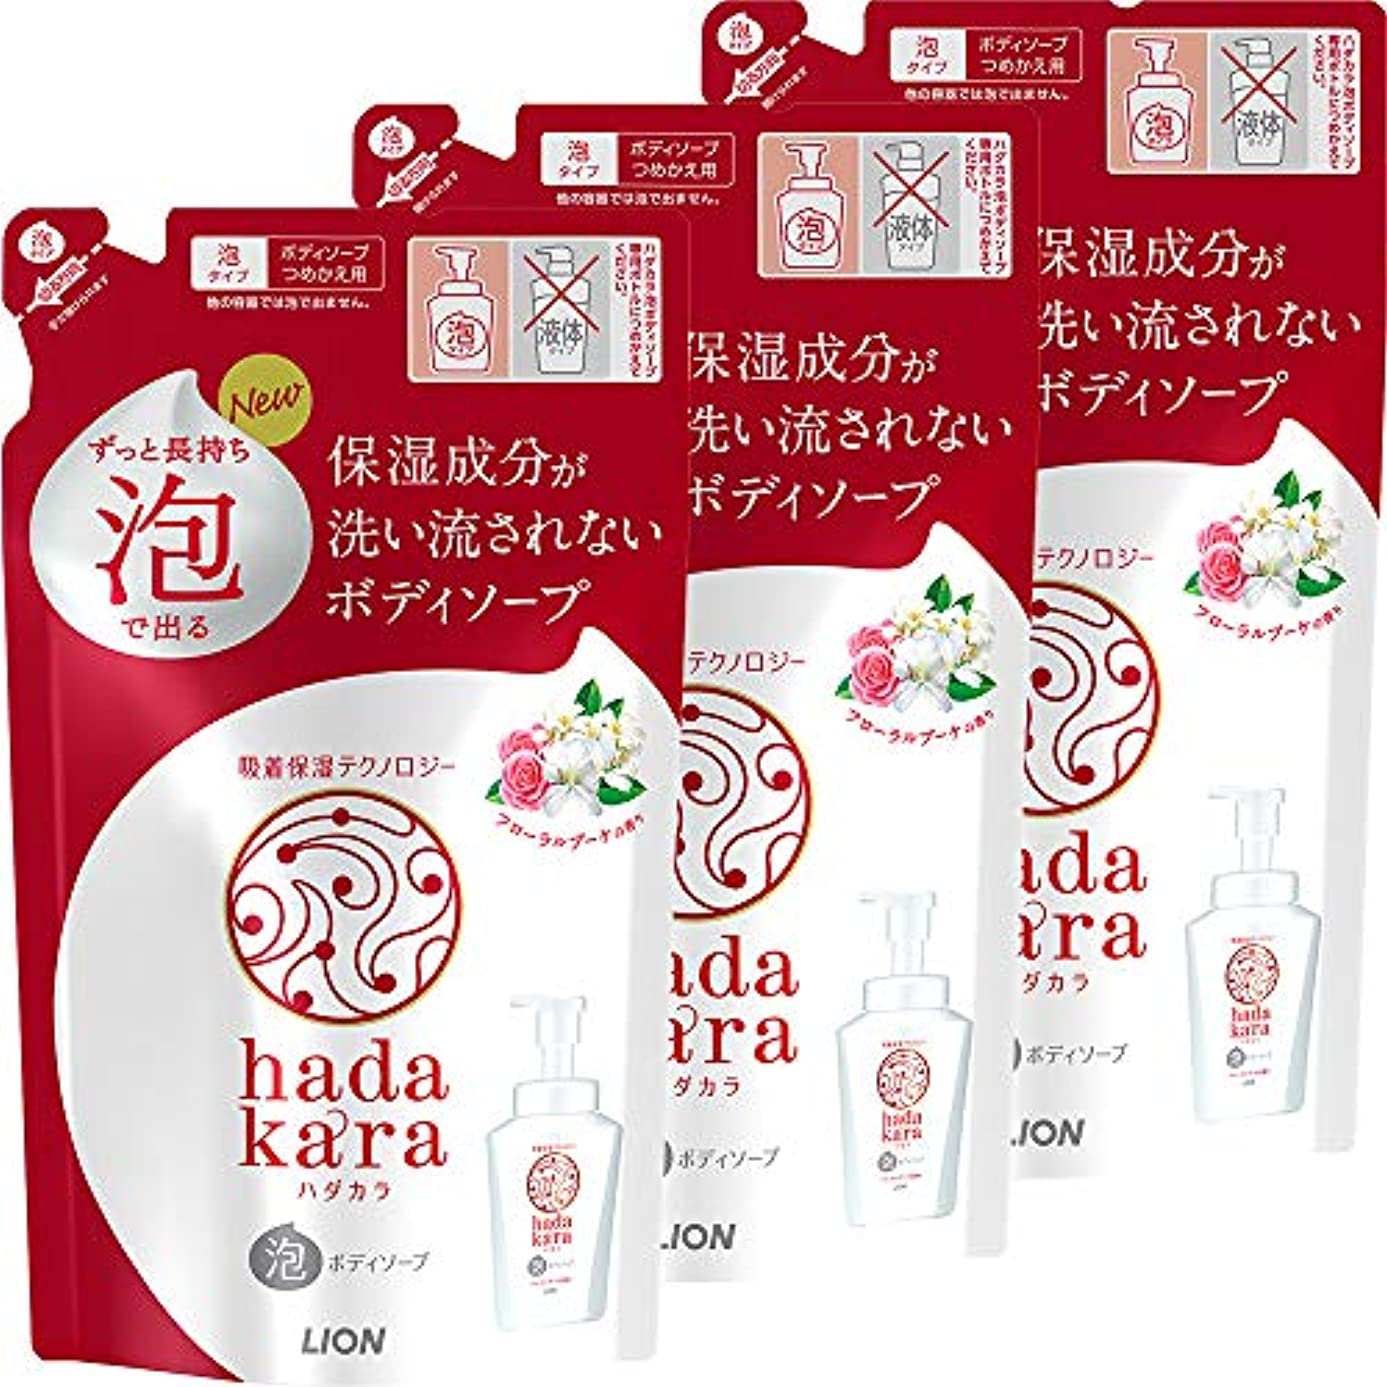 血まみれのファンドディスパッチhadakara(ハダカラ) ボディソープ 泡タイプ フローラルブーケの香り 詰替440ml×3個